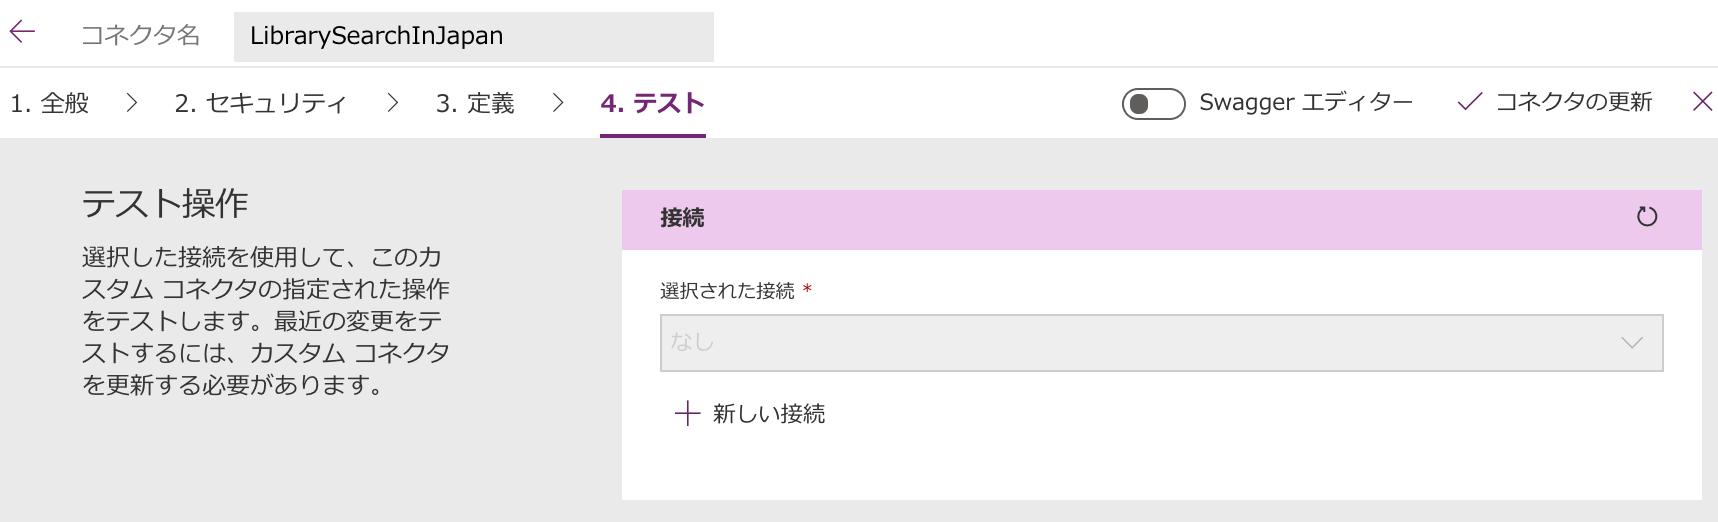 スクリーンショット 2021-02-19 10.58.46.png